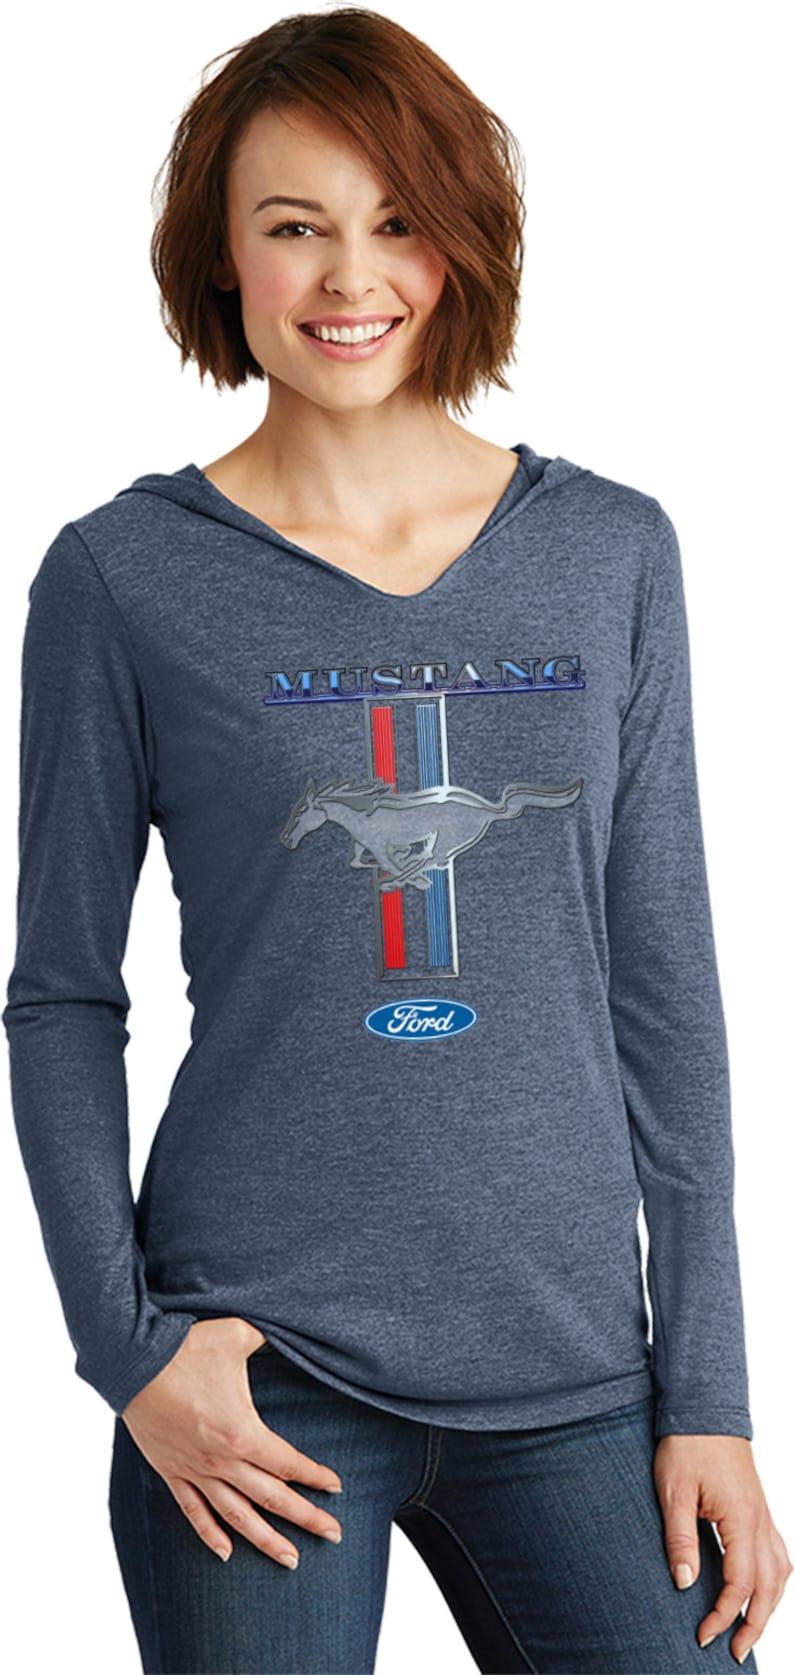 Ford Mustang Stripe Ladies Tri Blend Long Sleeve Hoodie Shirt 13732D1-DM139L